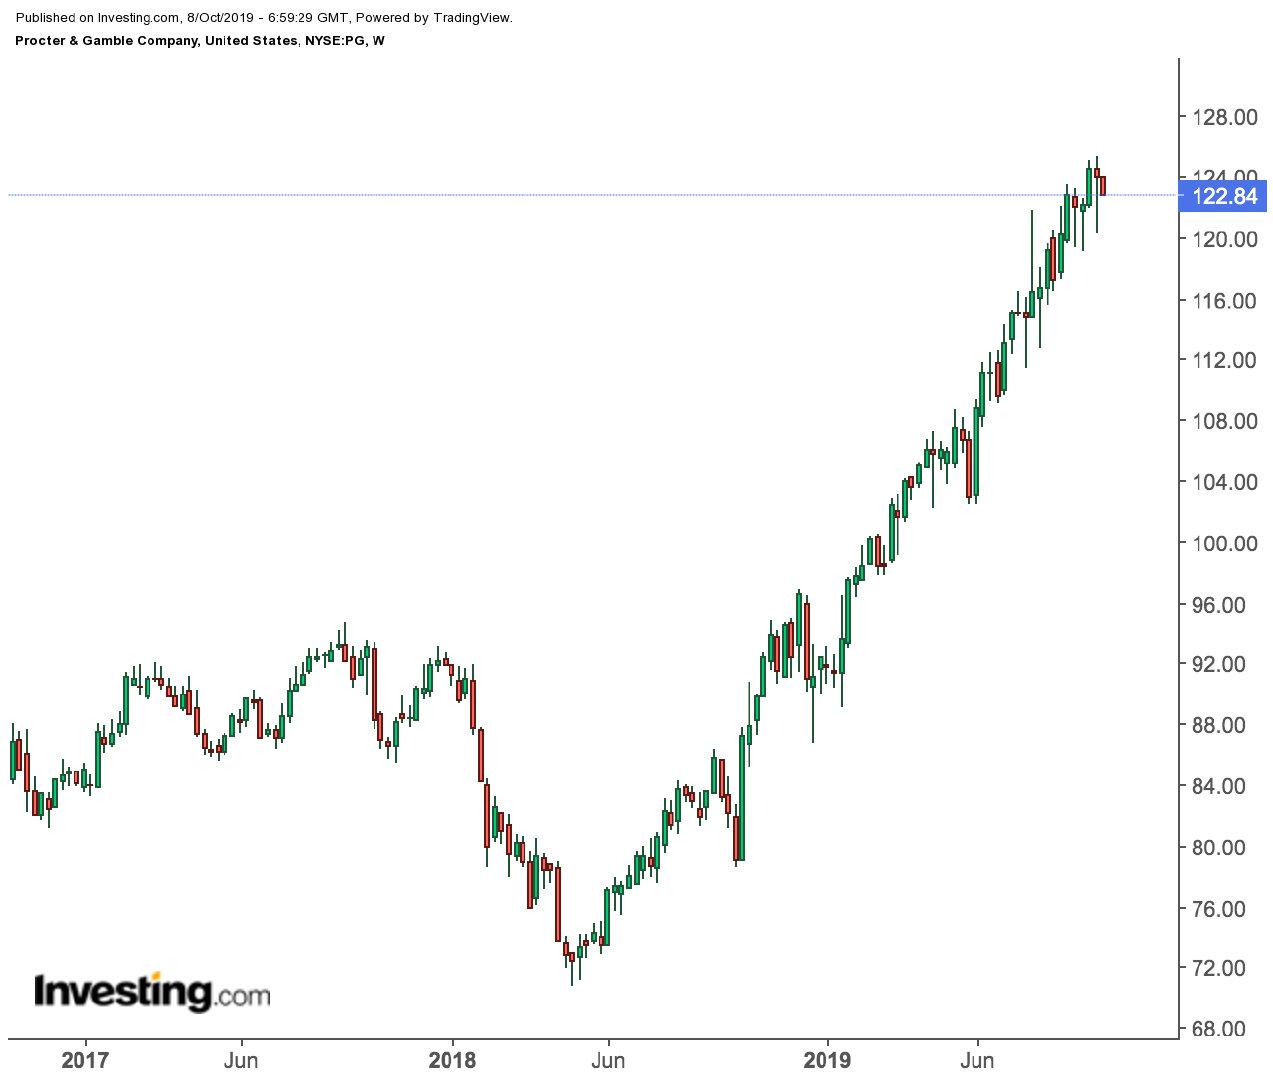 美国经济衰退阴云不散,这些防御类个股大涨后还能买入吗?